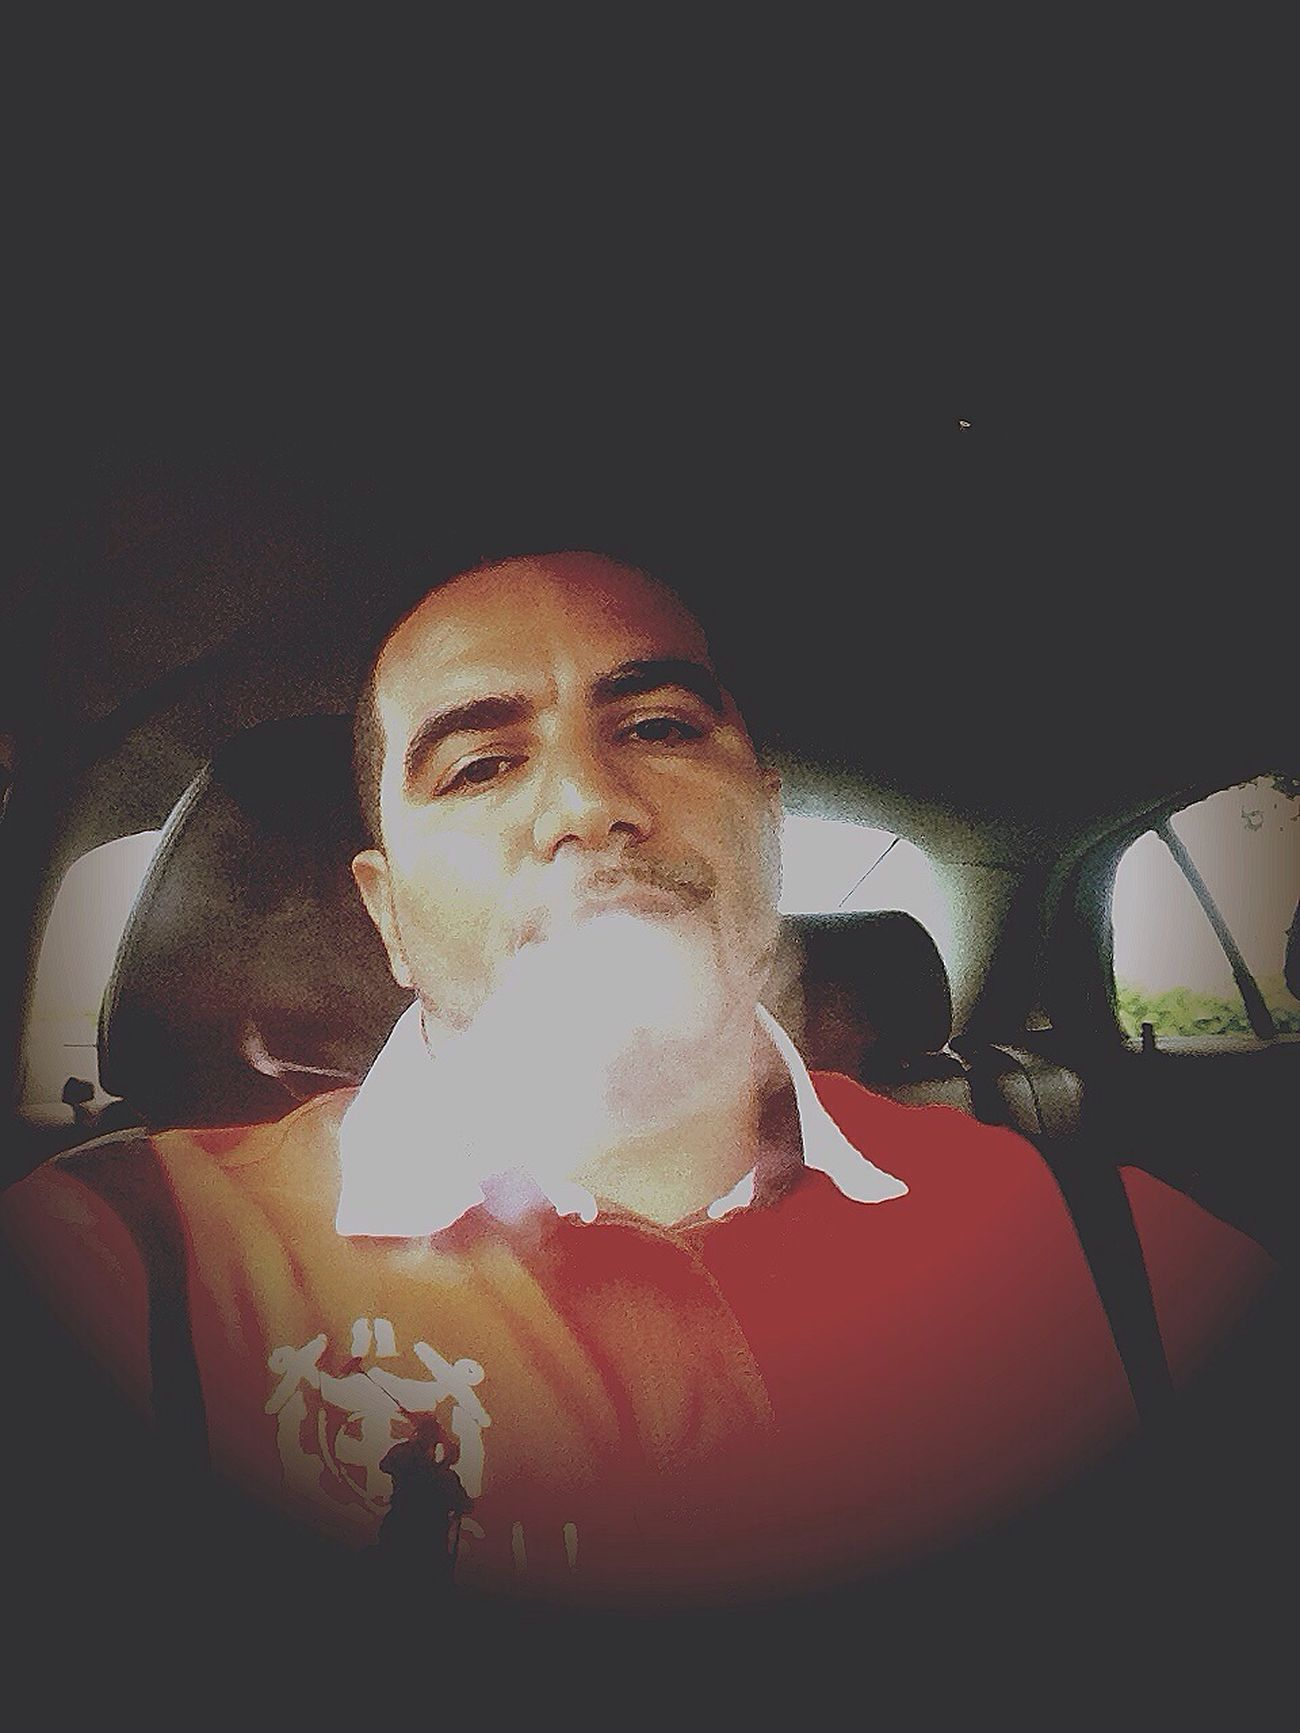 That's Me Grown Man Shit Chilling smoking!!!